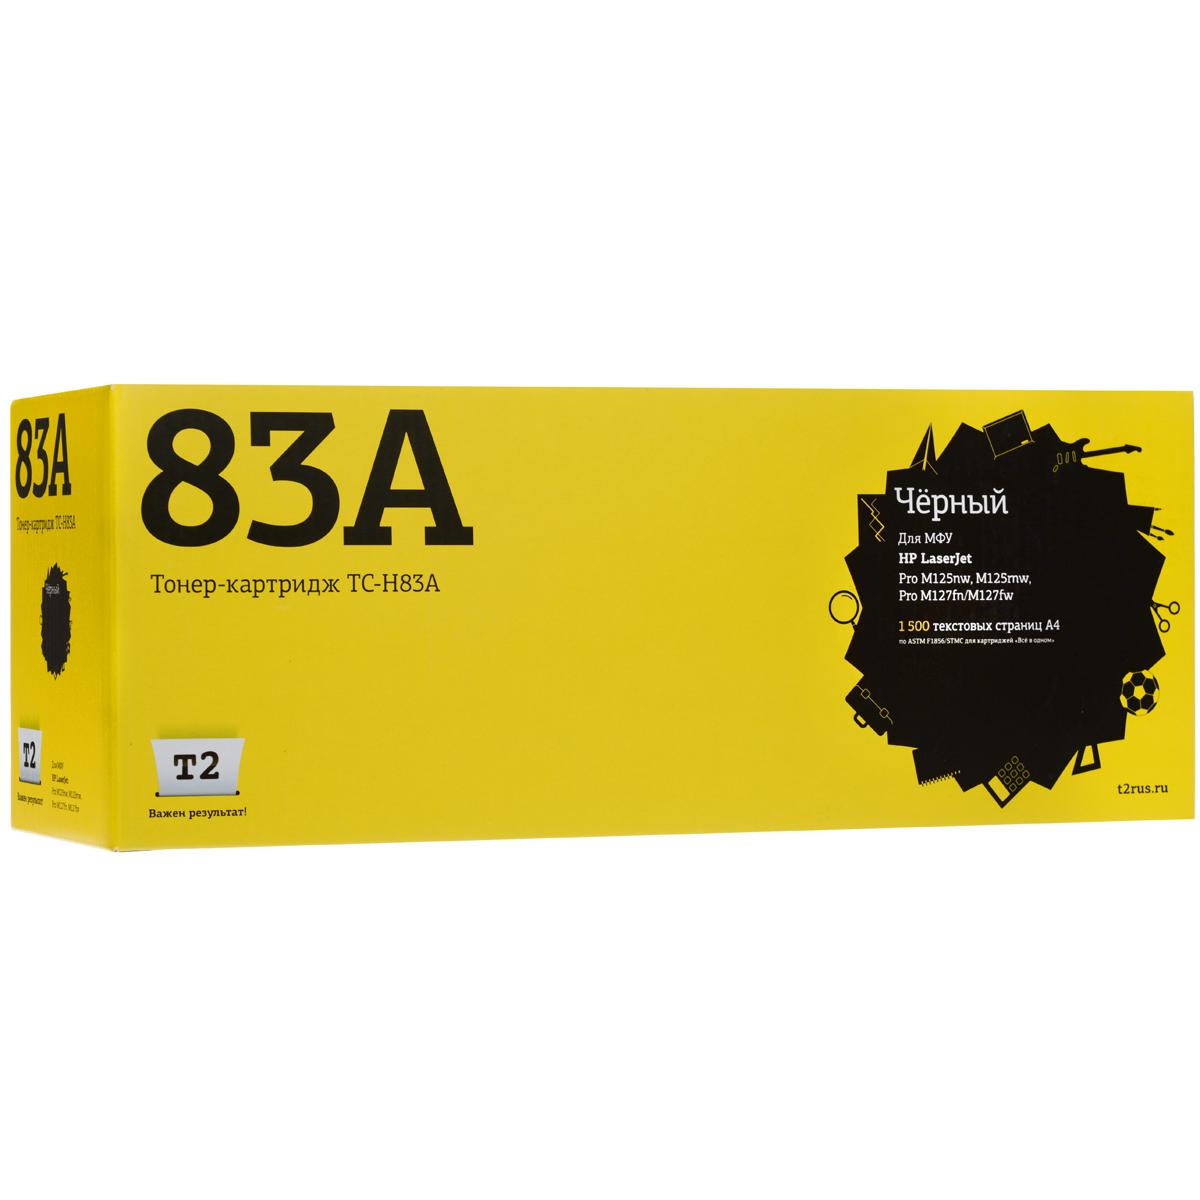 Картридж T2 TC-H83A, черный, для лазерного принтера картридж t2 cf283a tc h83a